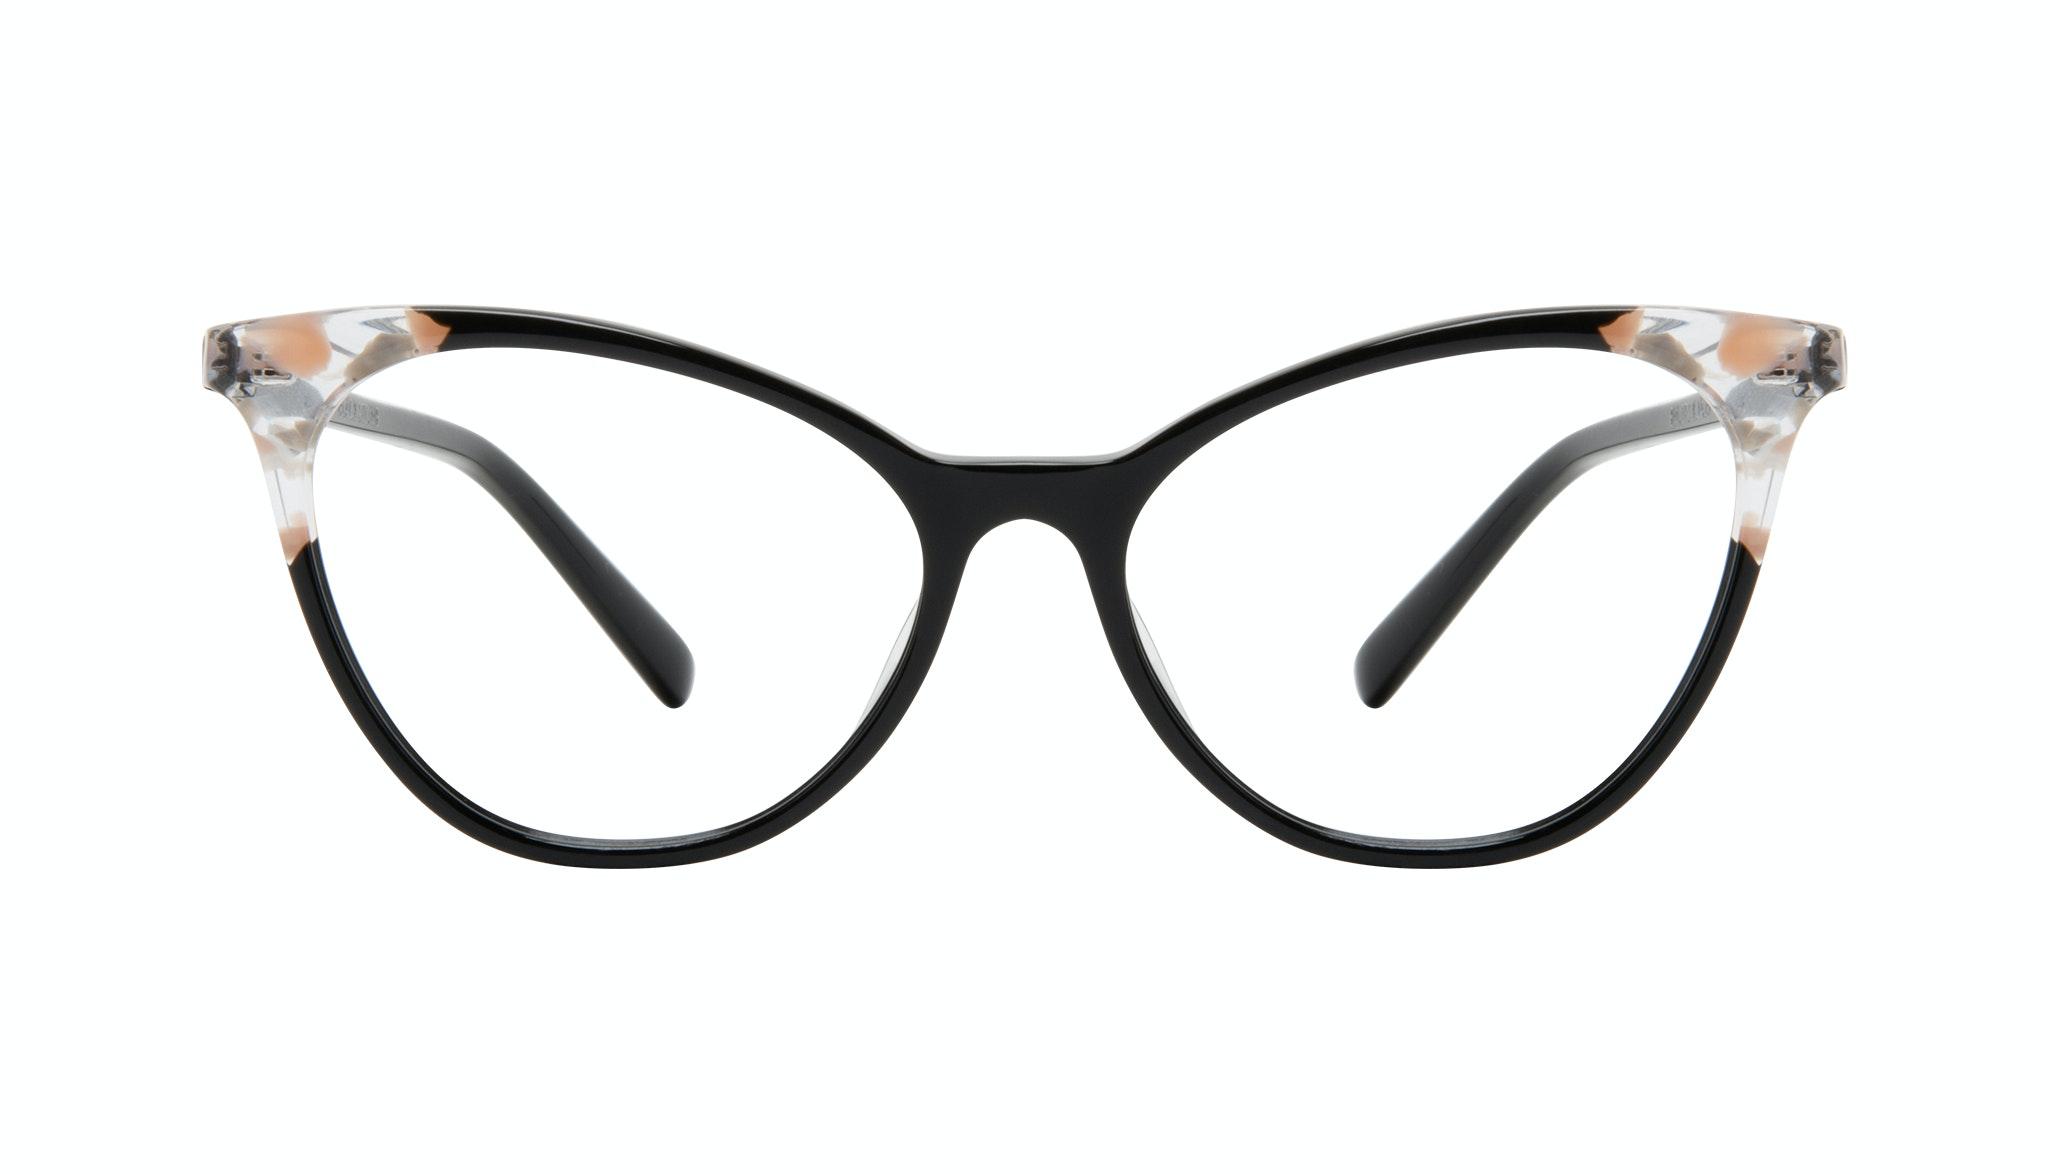 Lunettes tendance Oeil de chat Lunettes de vue Femmes Unreal Black Stone Face